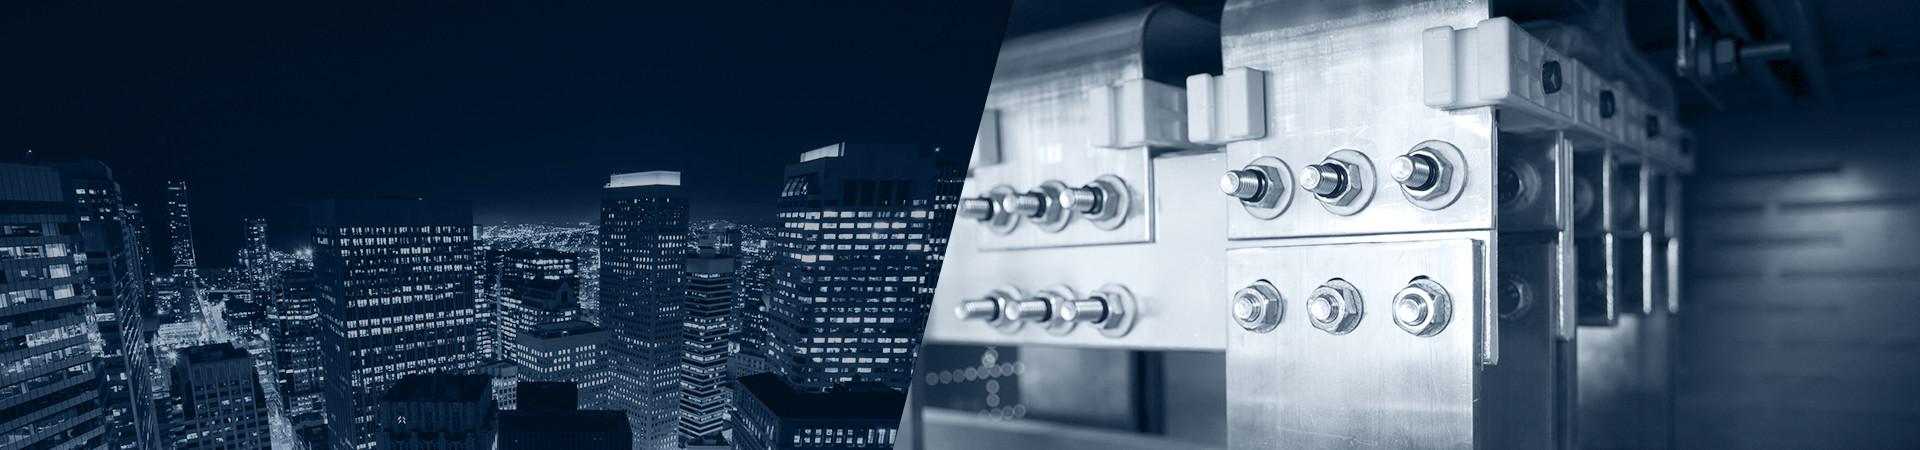 Stromschienenverteiler – HUNDT Elektrosysteme